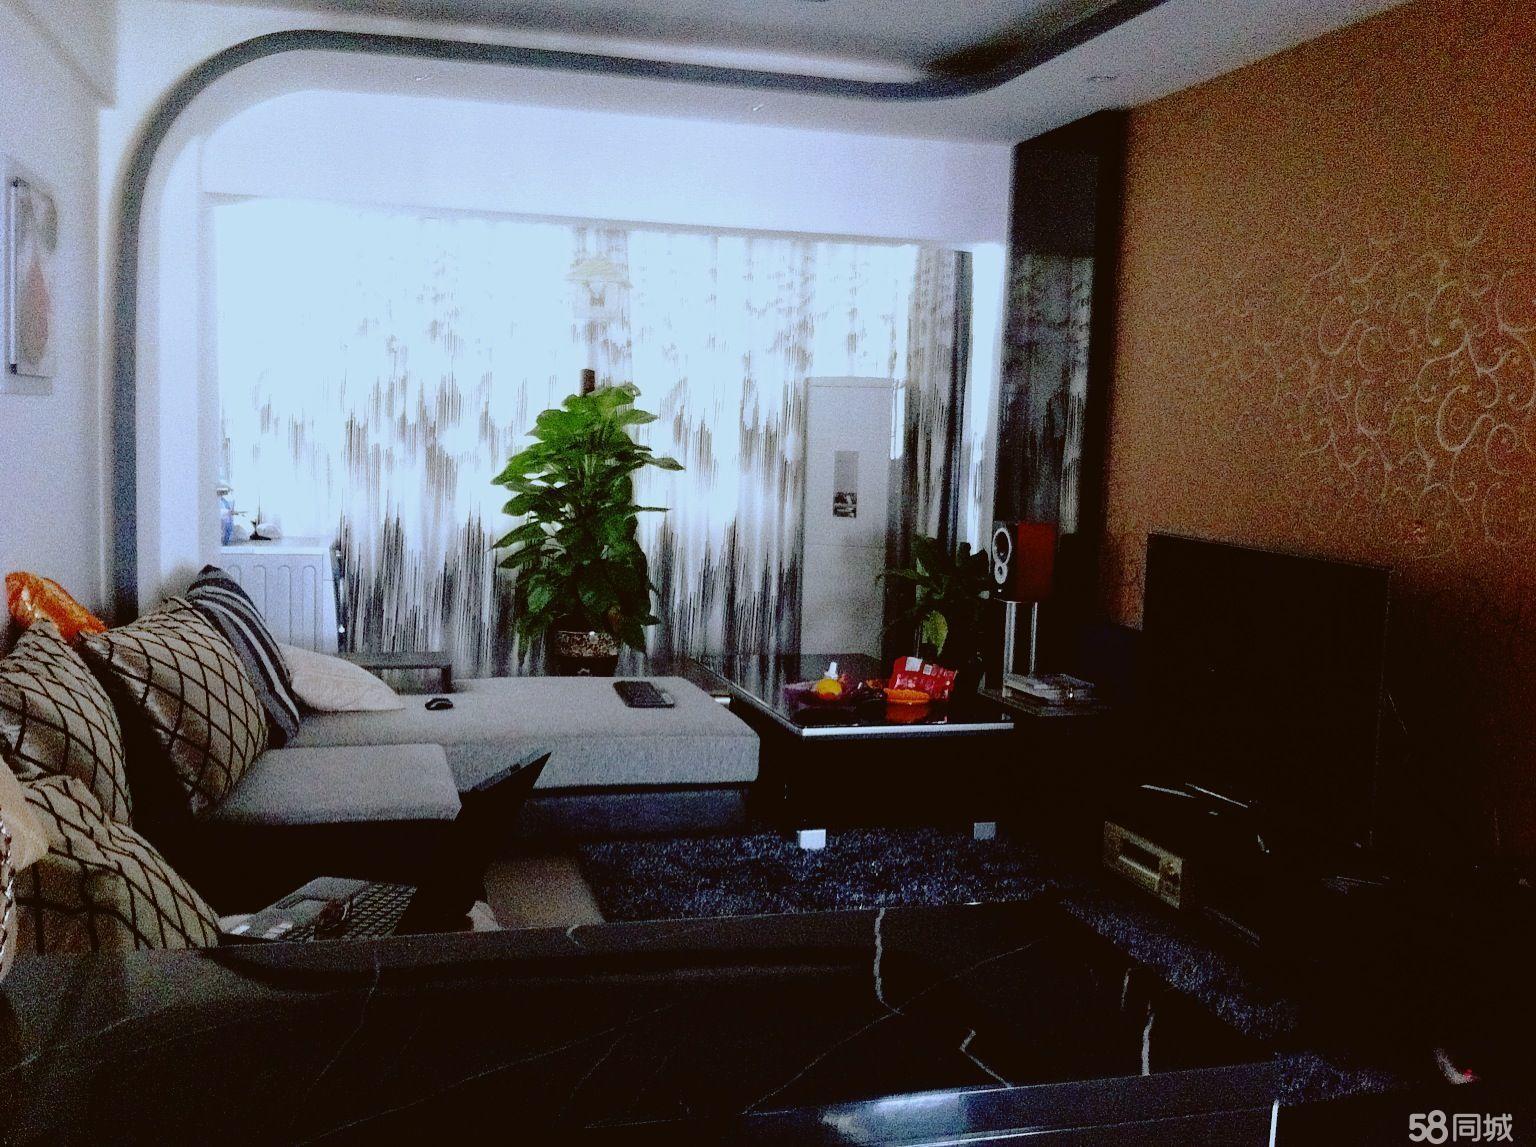 元阳社保中心2单元8-13室1厅1卫100平米